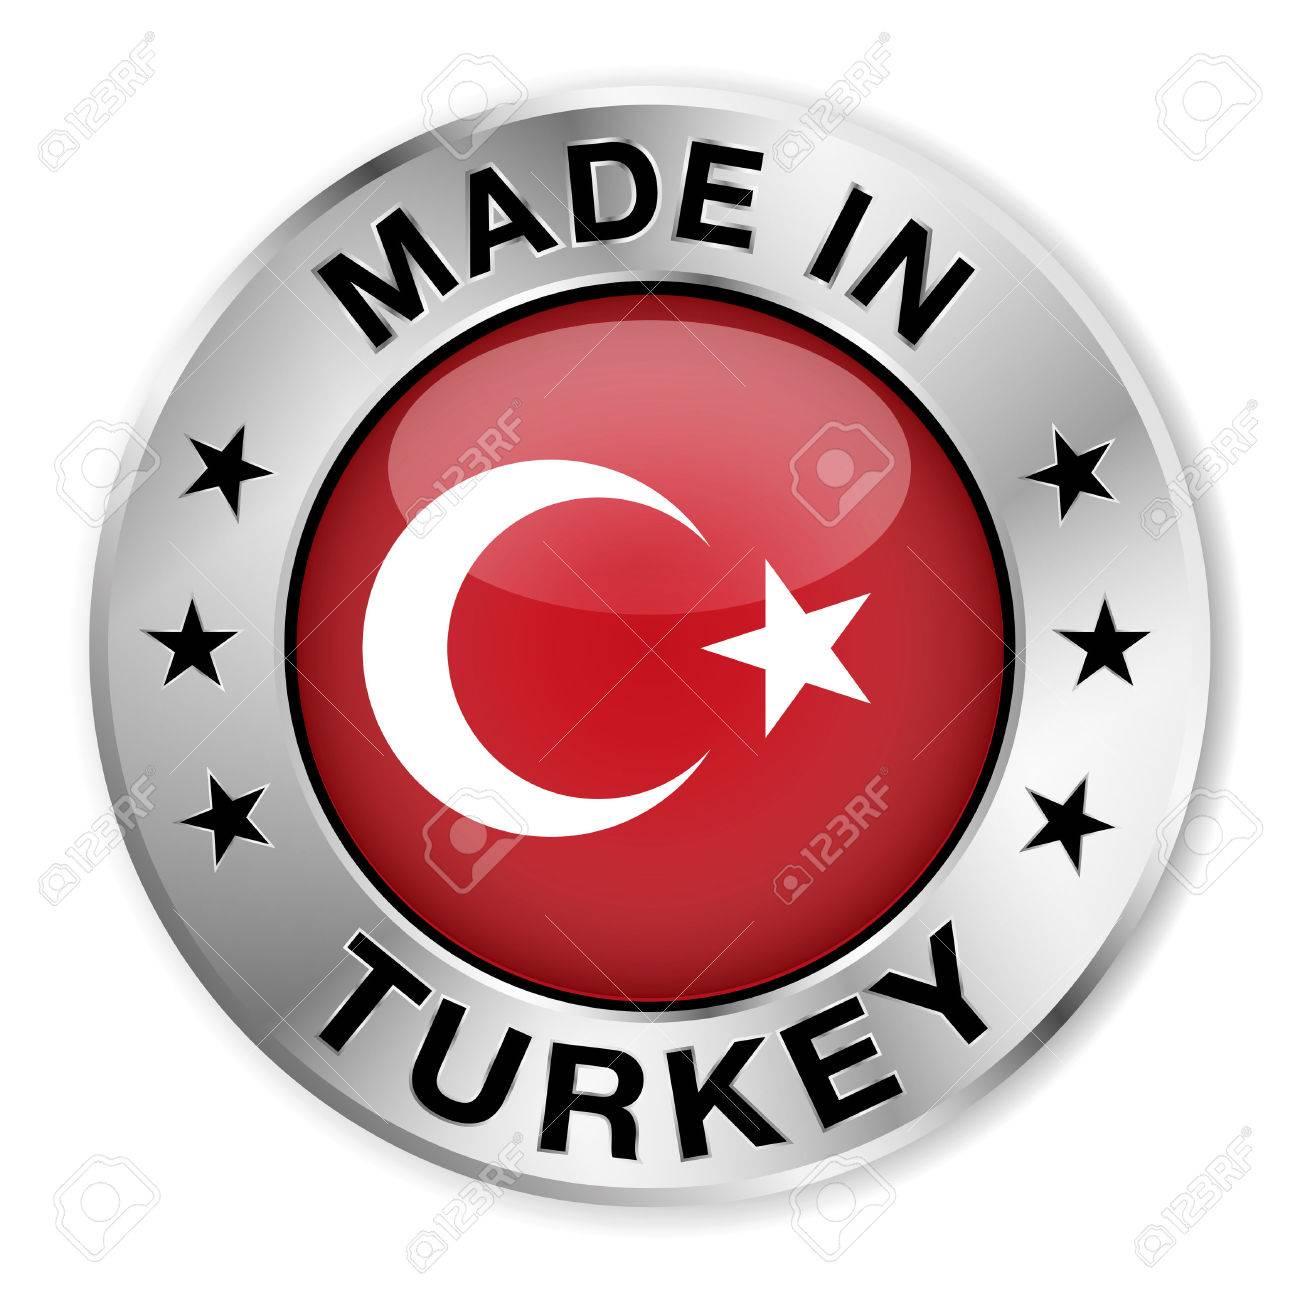 made in turkey ile ilgili görsel sonucu